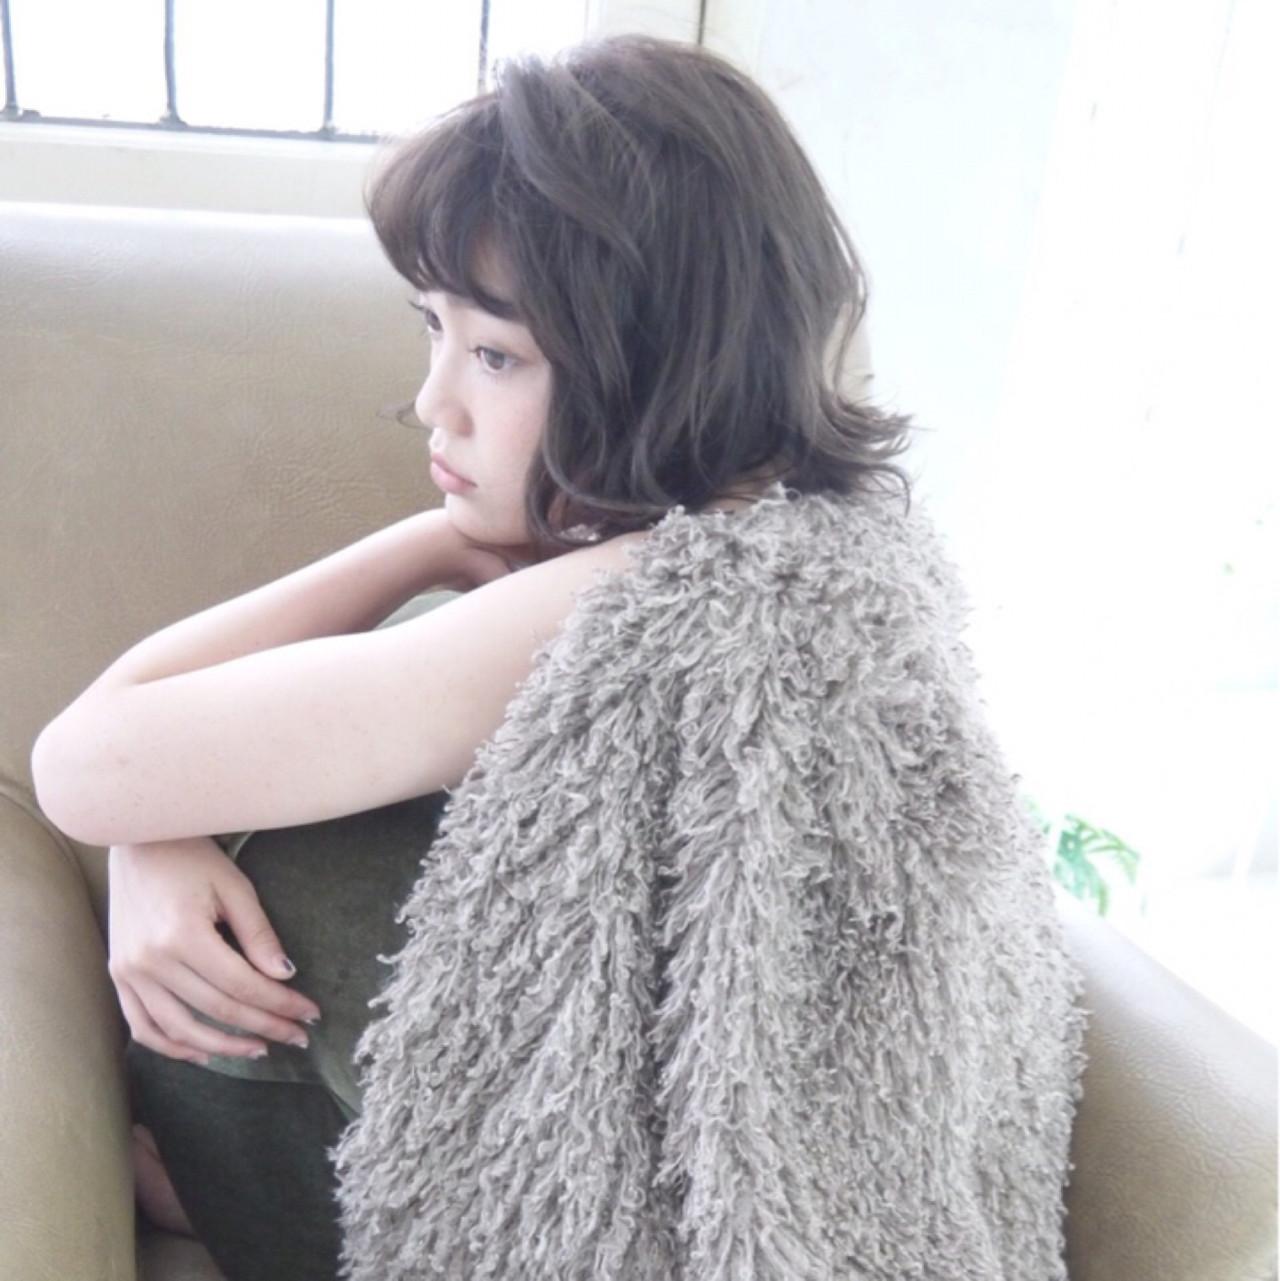 ナチュラル 黒髪 暗髪 色気 ヘアスタイルや髪型の写真・画像 | airi ourasaka /